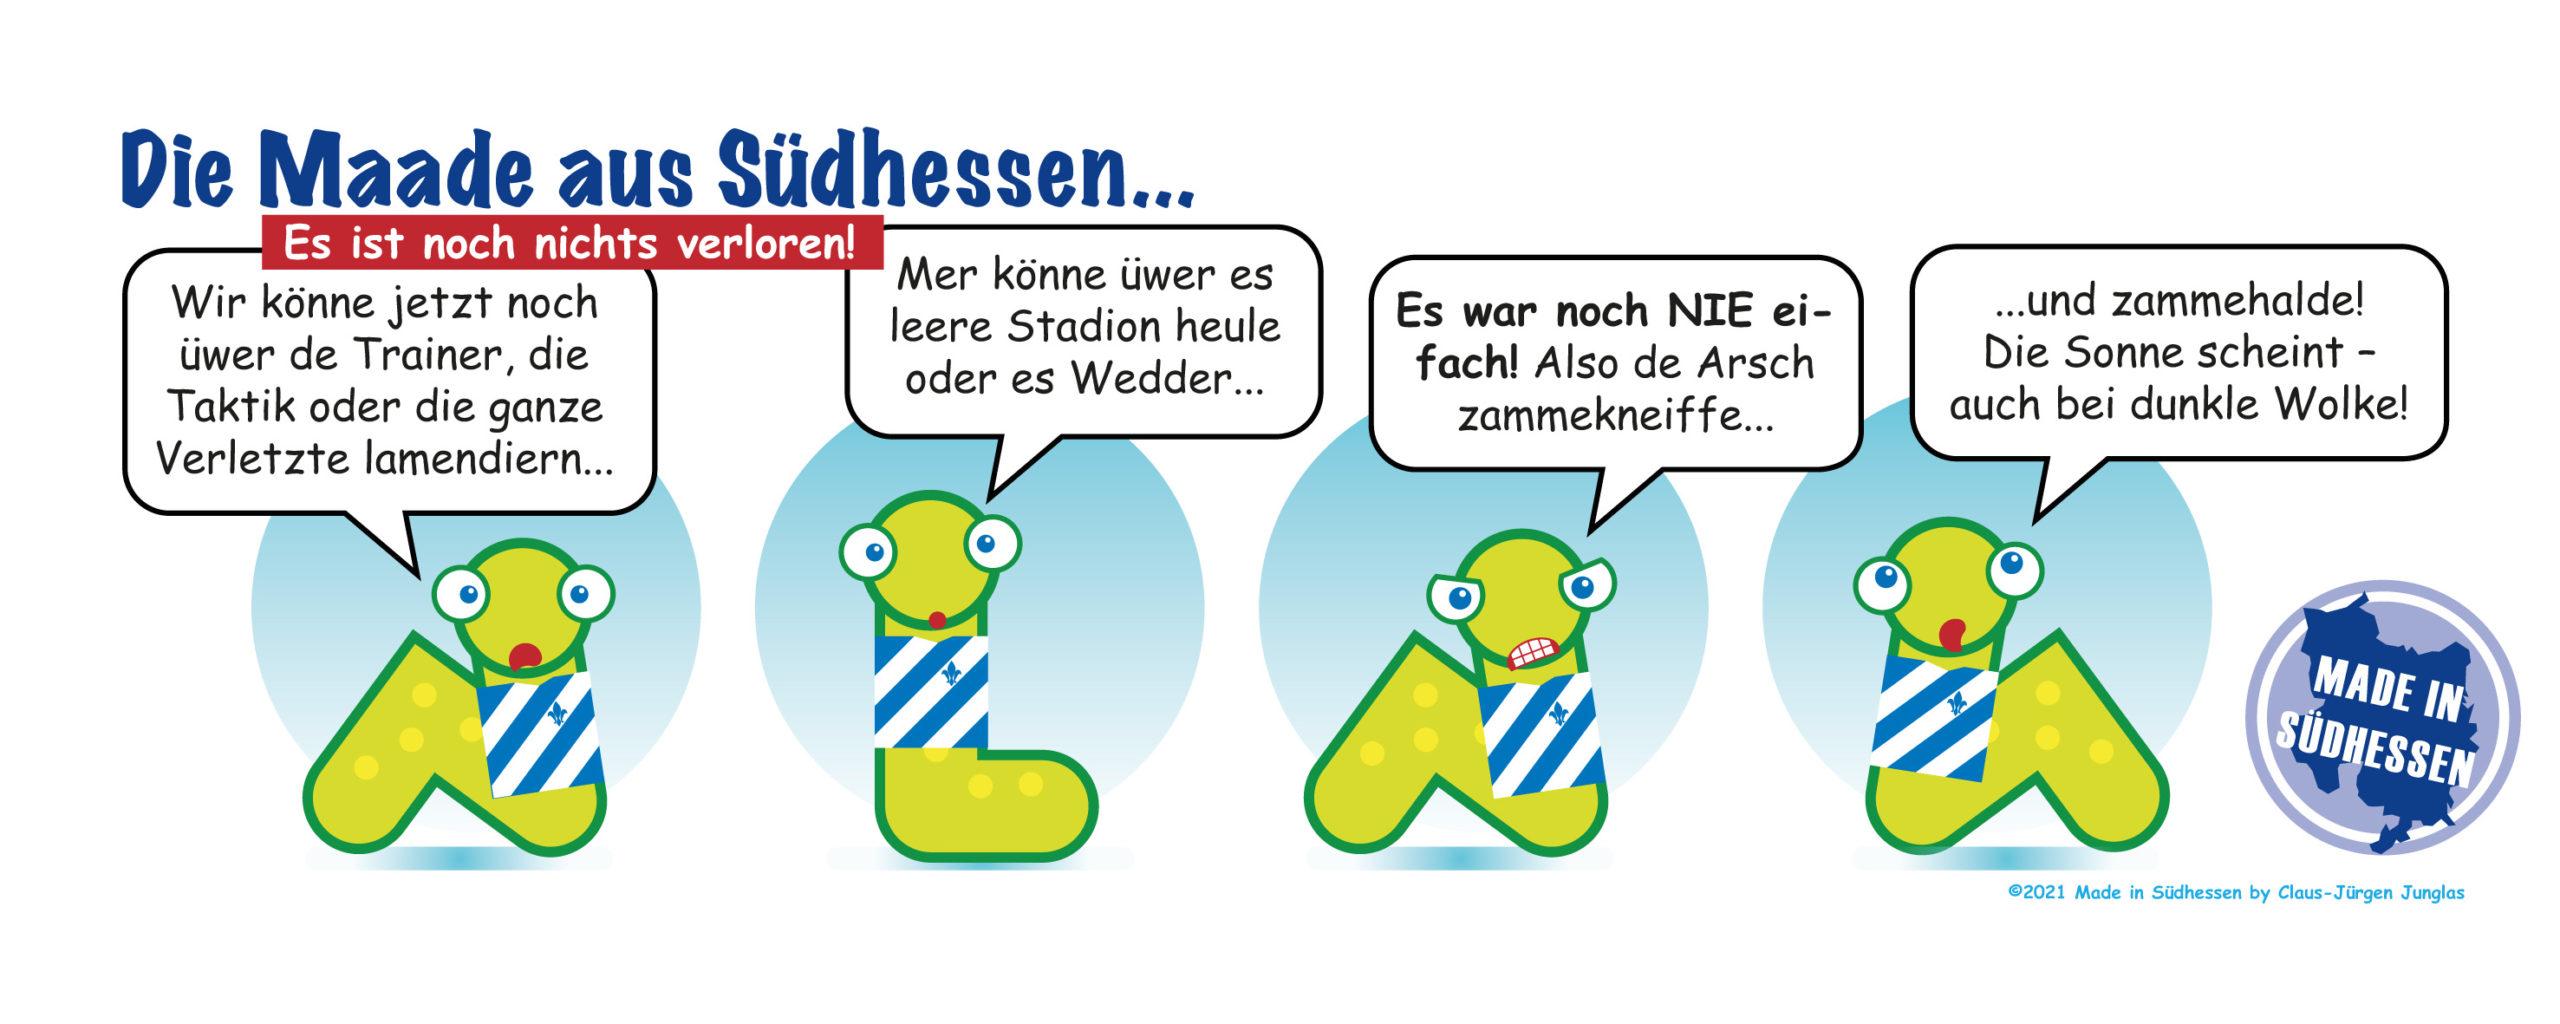 Die Maade aus Südhessen meint: Zammehalde!